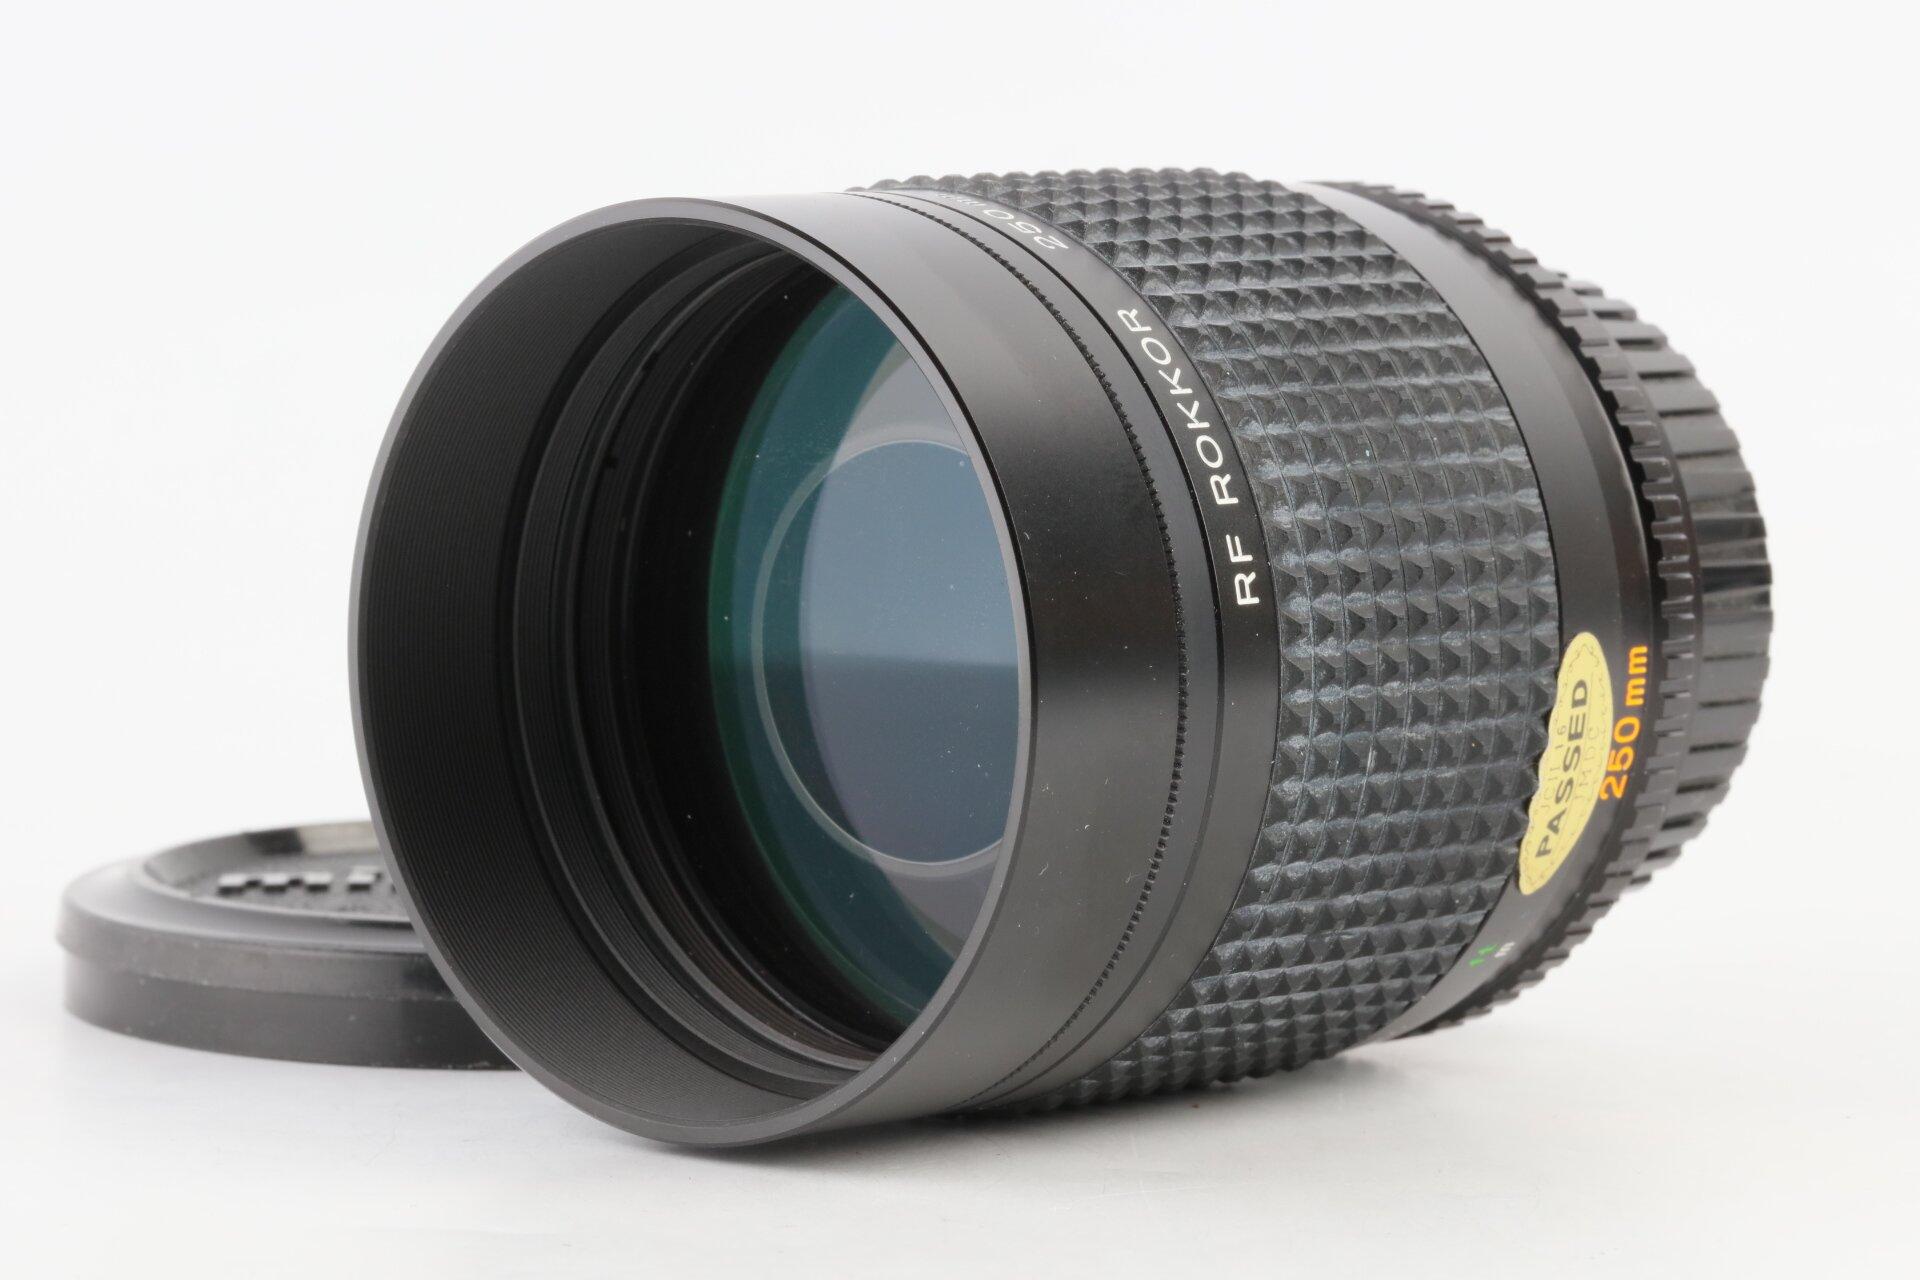 Minolta RF Rokkor 250mm/5,6 Spiegeltele